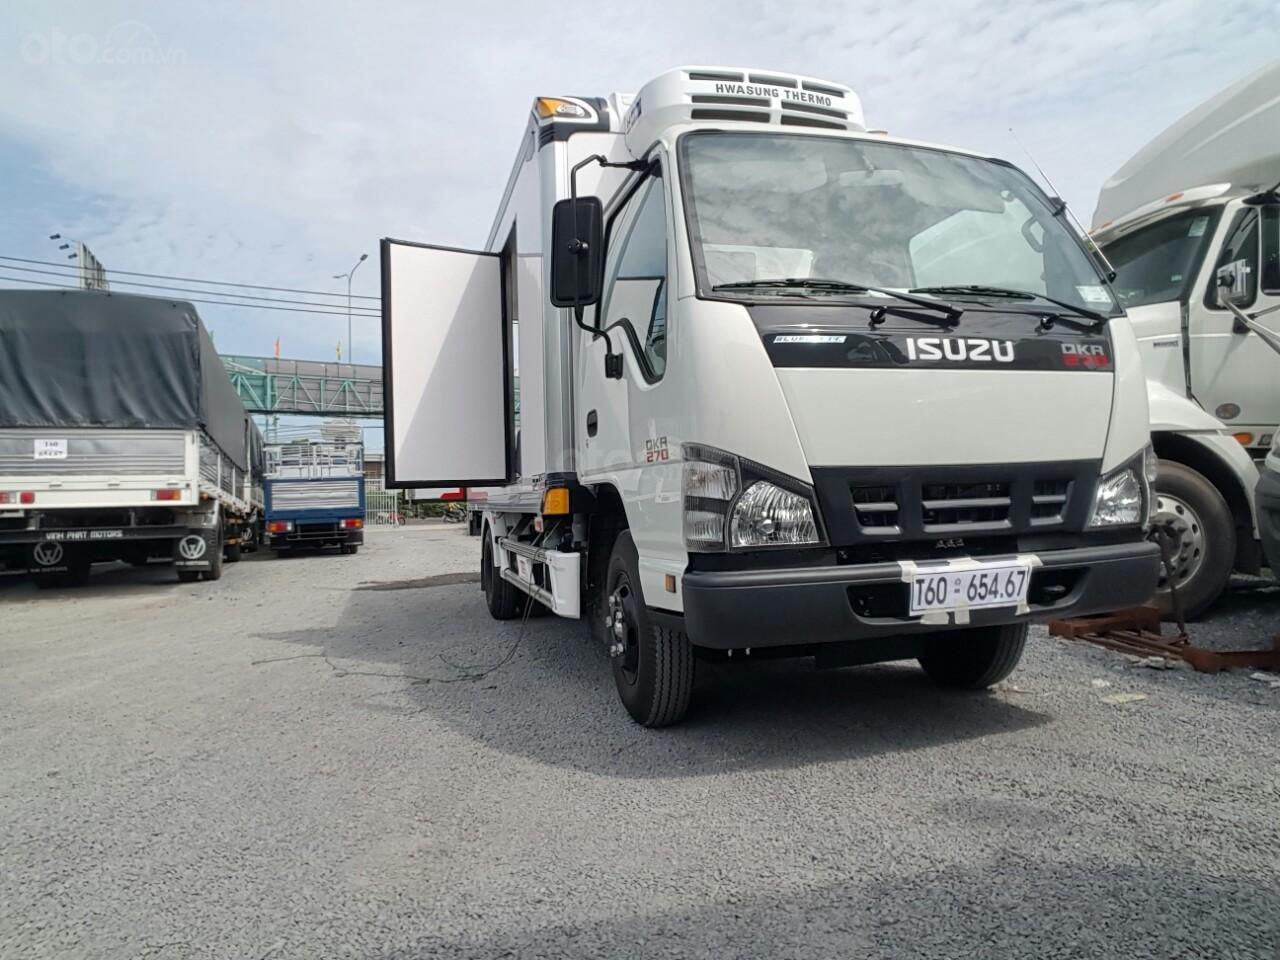 Bán Isuzu QKR77HE4 2019 2 tấn 4, là dòng xe tải nhẹ cao cấp hiện nay, ưu đãi lớn khi mua xe (4)